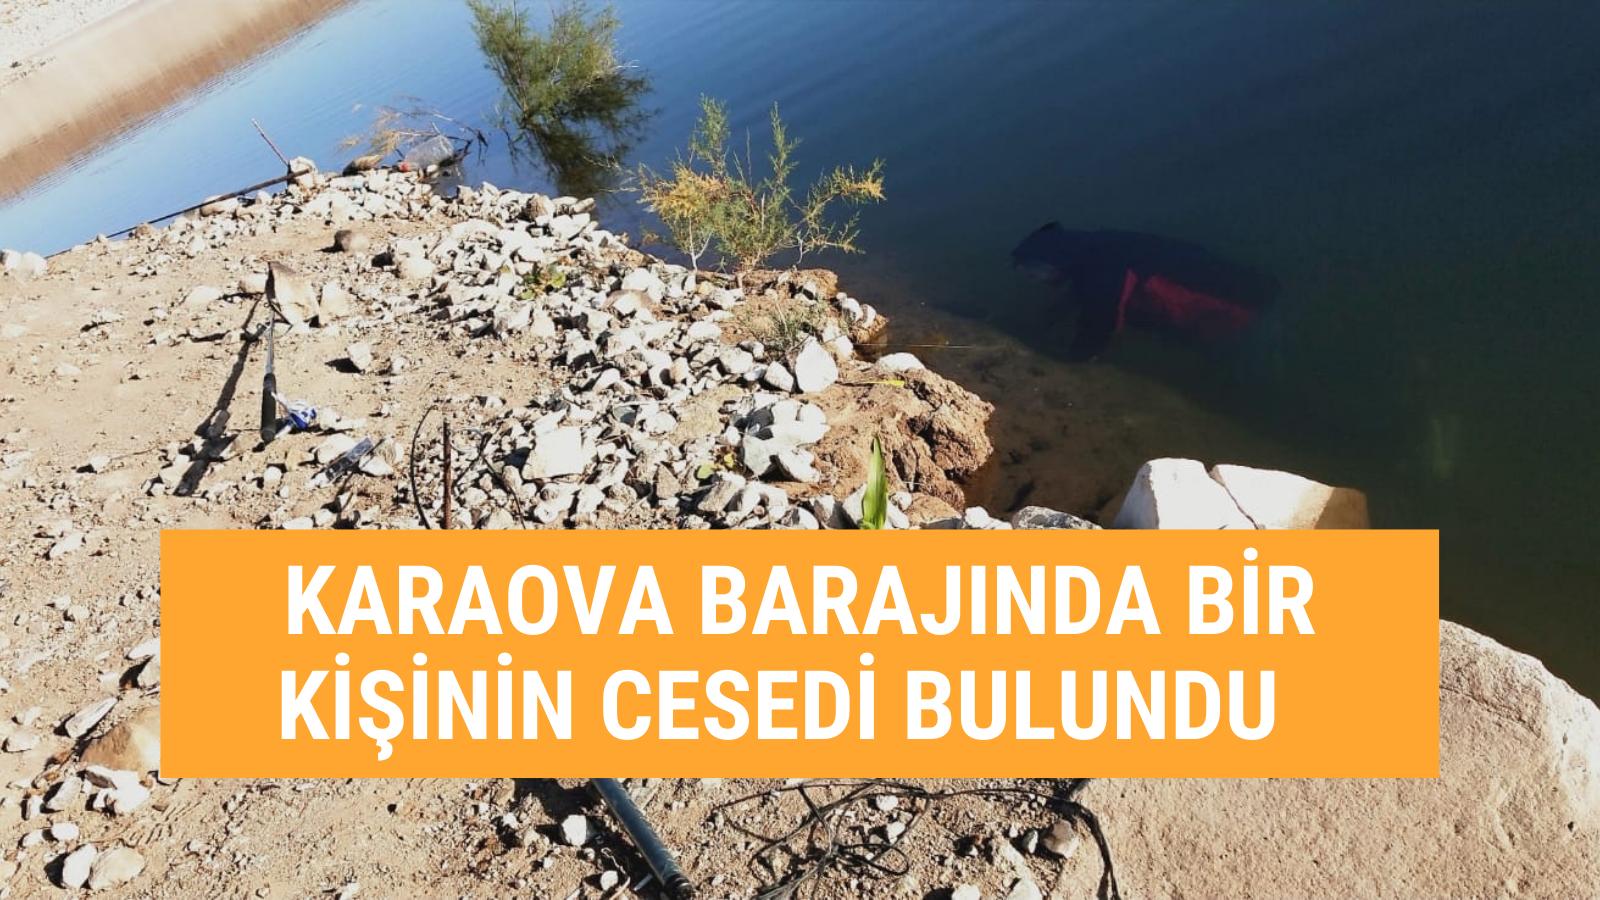 SONDAKİKA-Karaova Barajında şüpheli ölüm